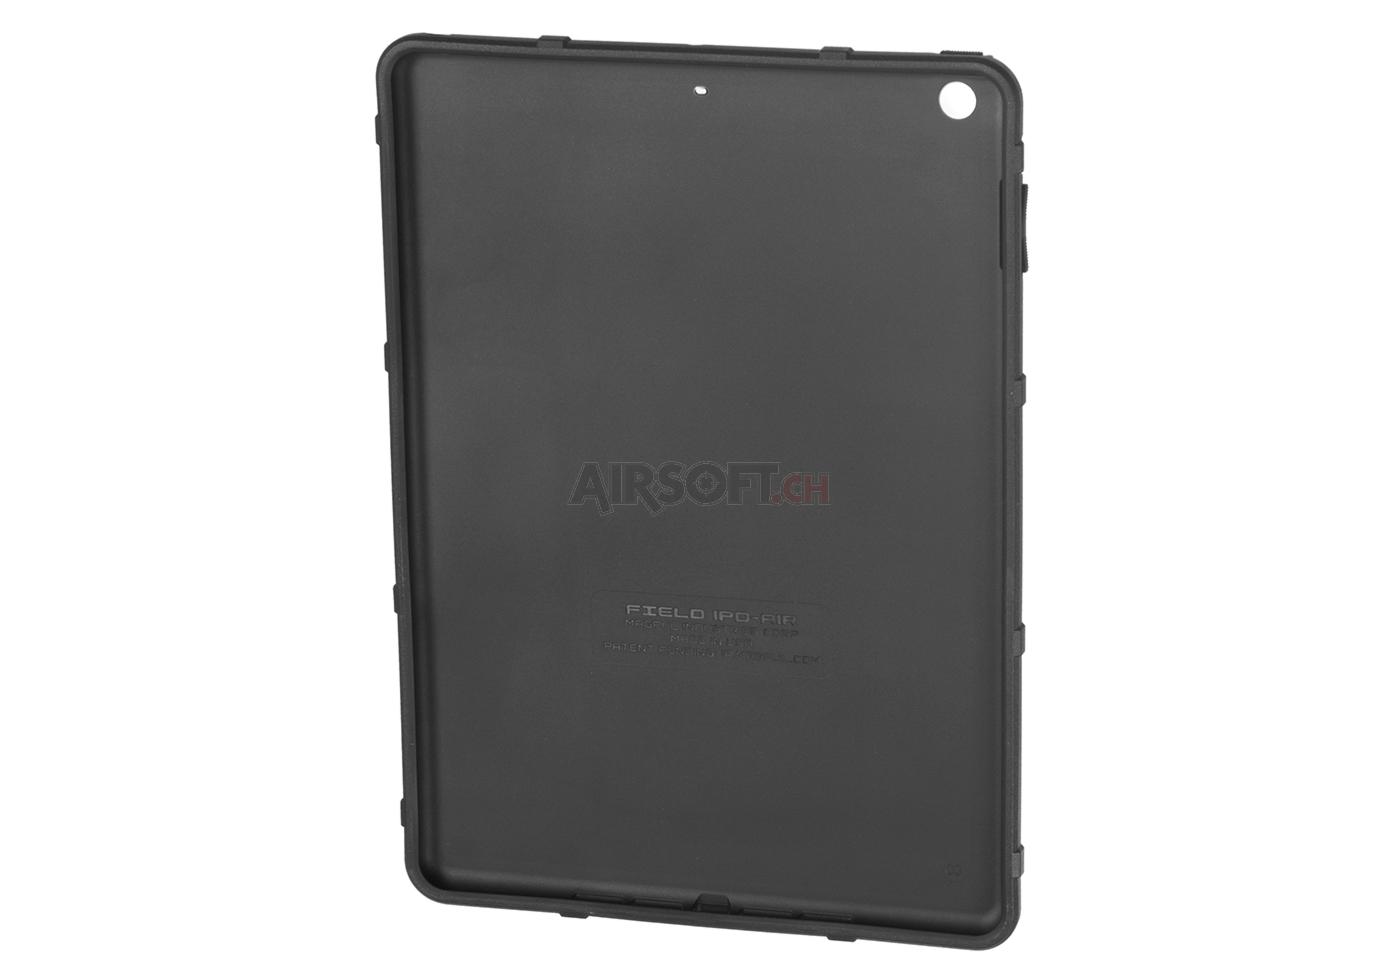 iPad Air Field Case